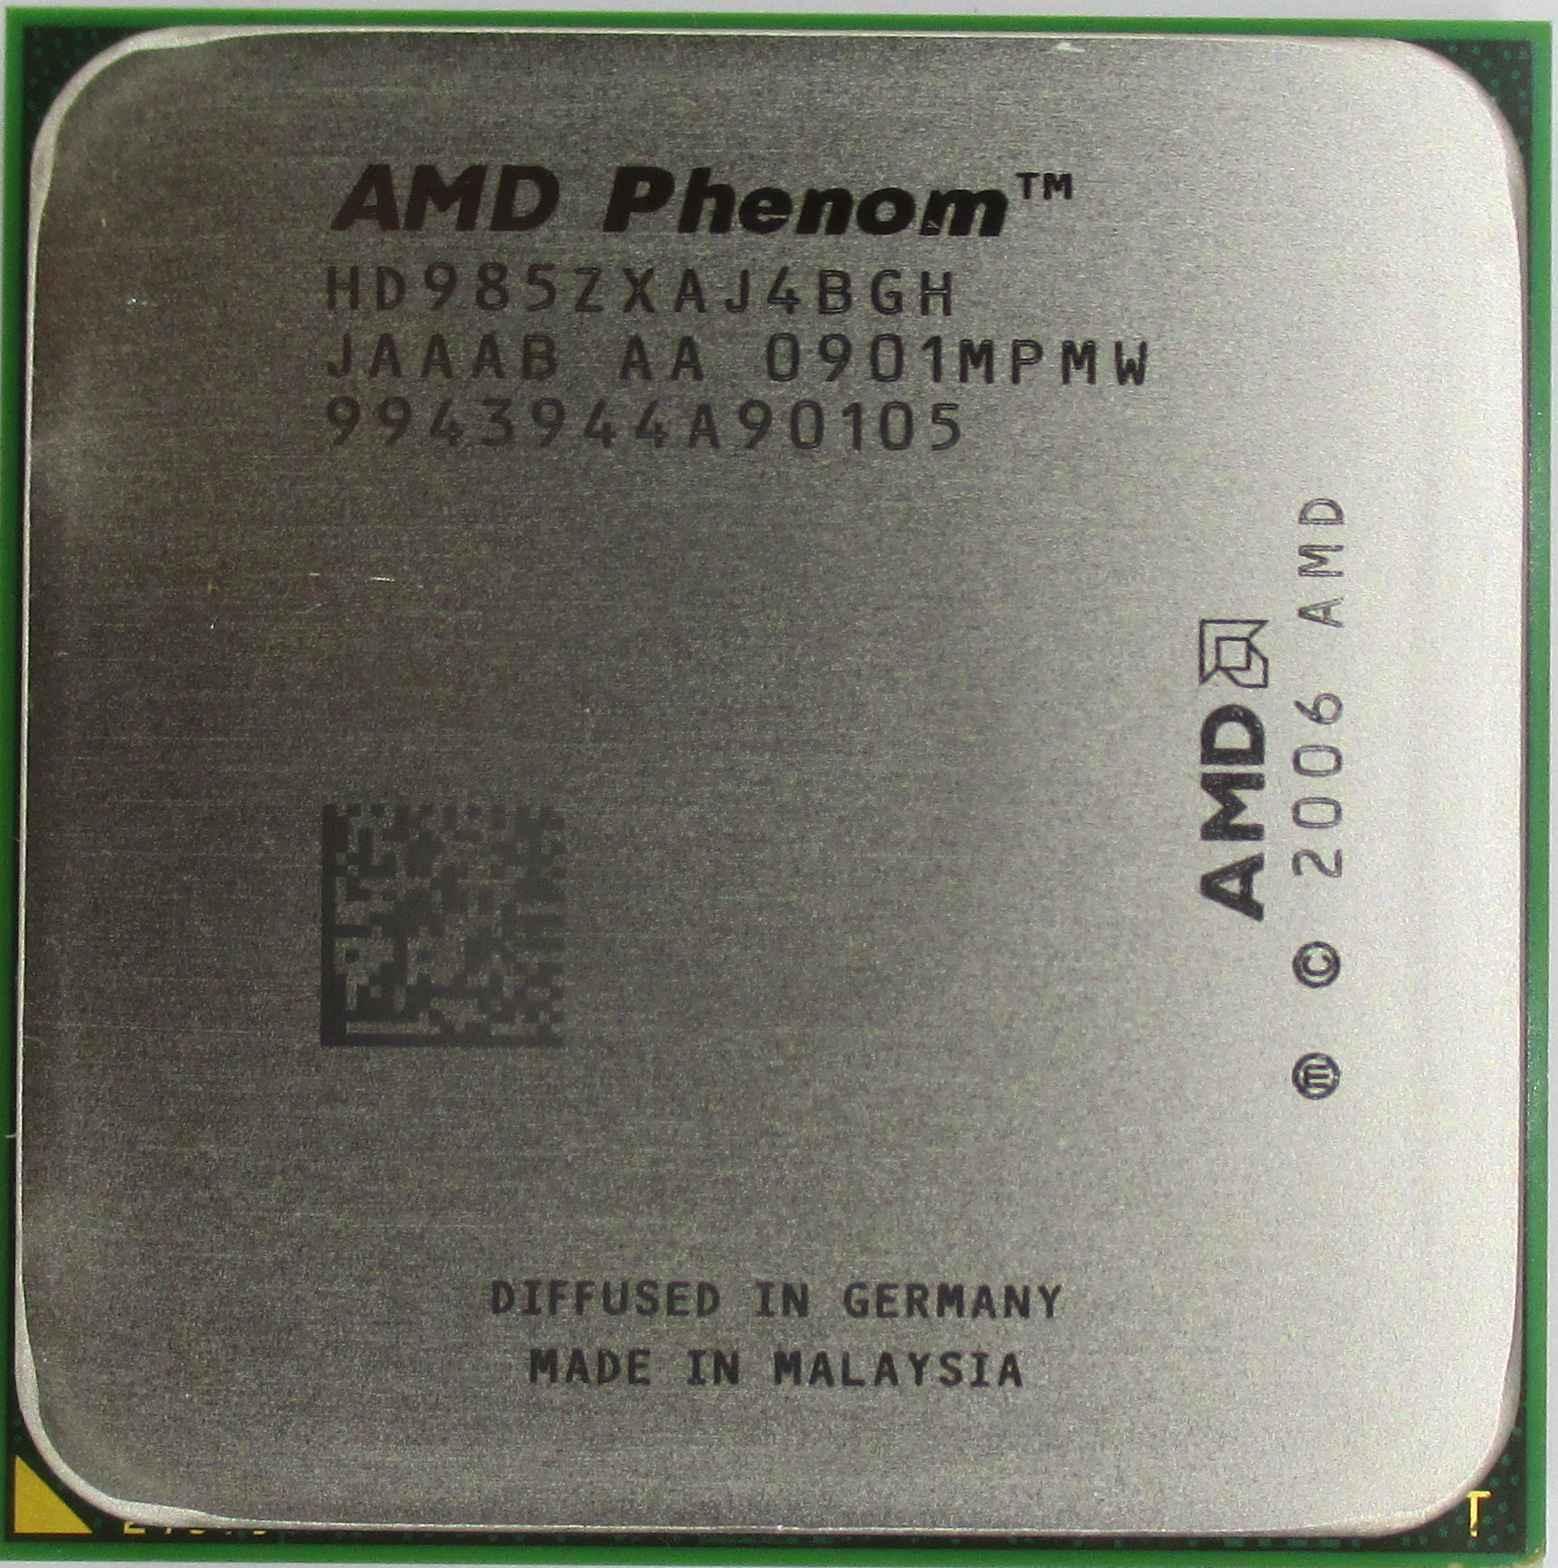 HD985ZXAJ4BGH.jpg